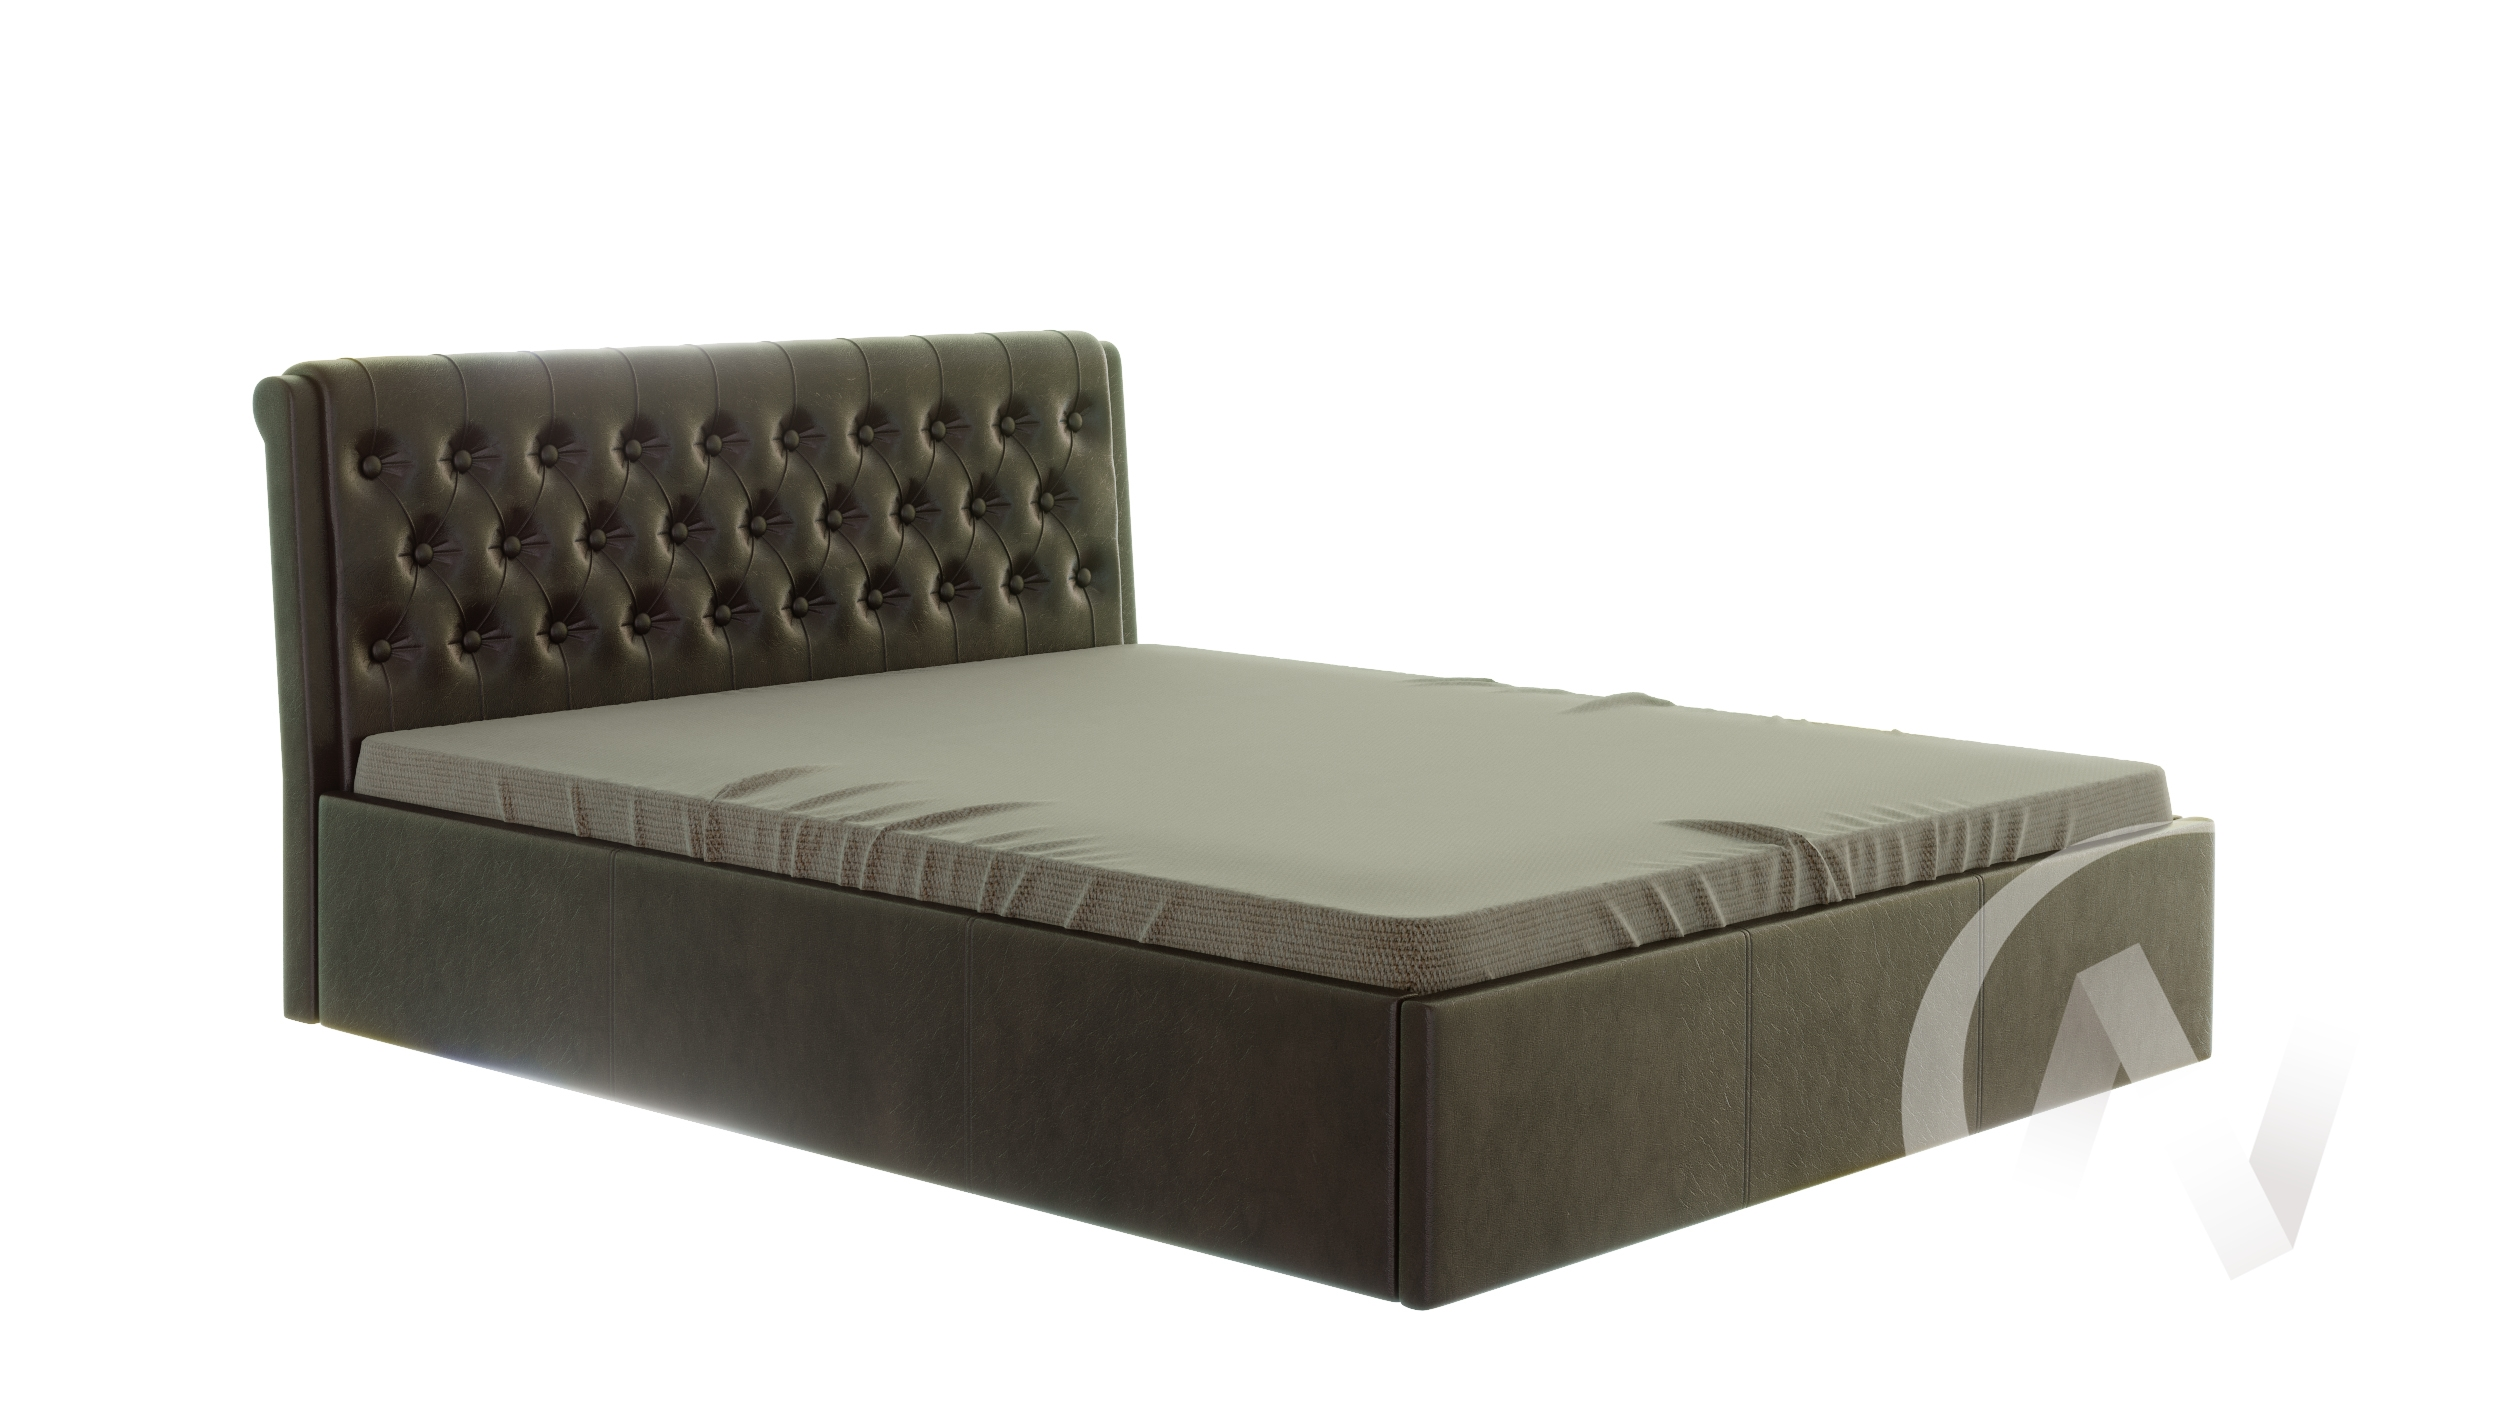 Кровать Дженни 1,6 с подъемным механизмом (коричневый)